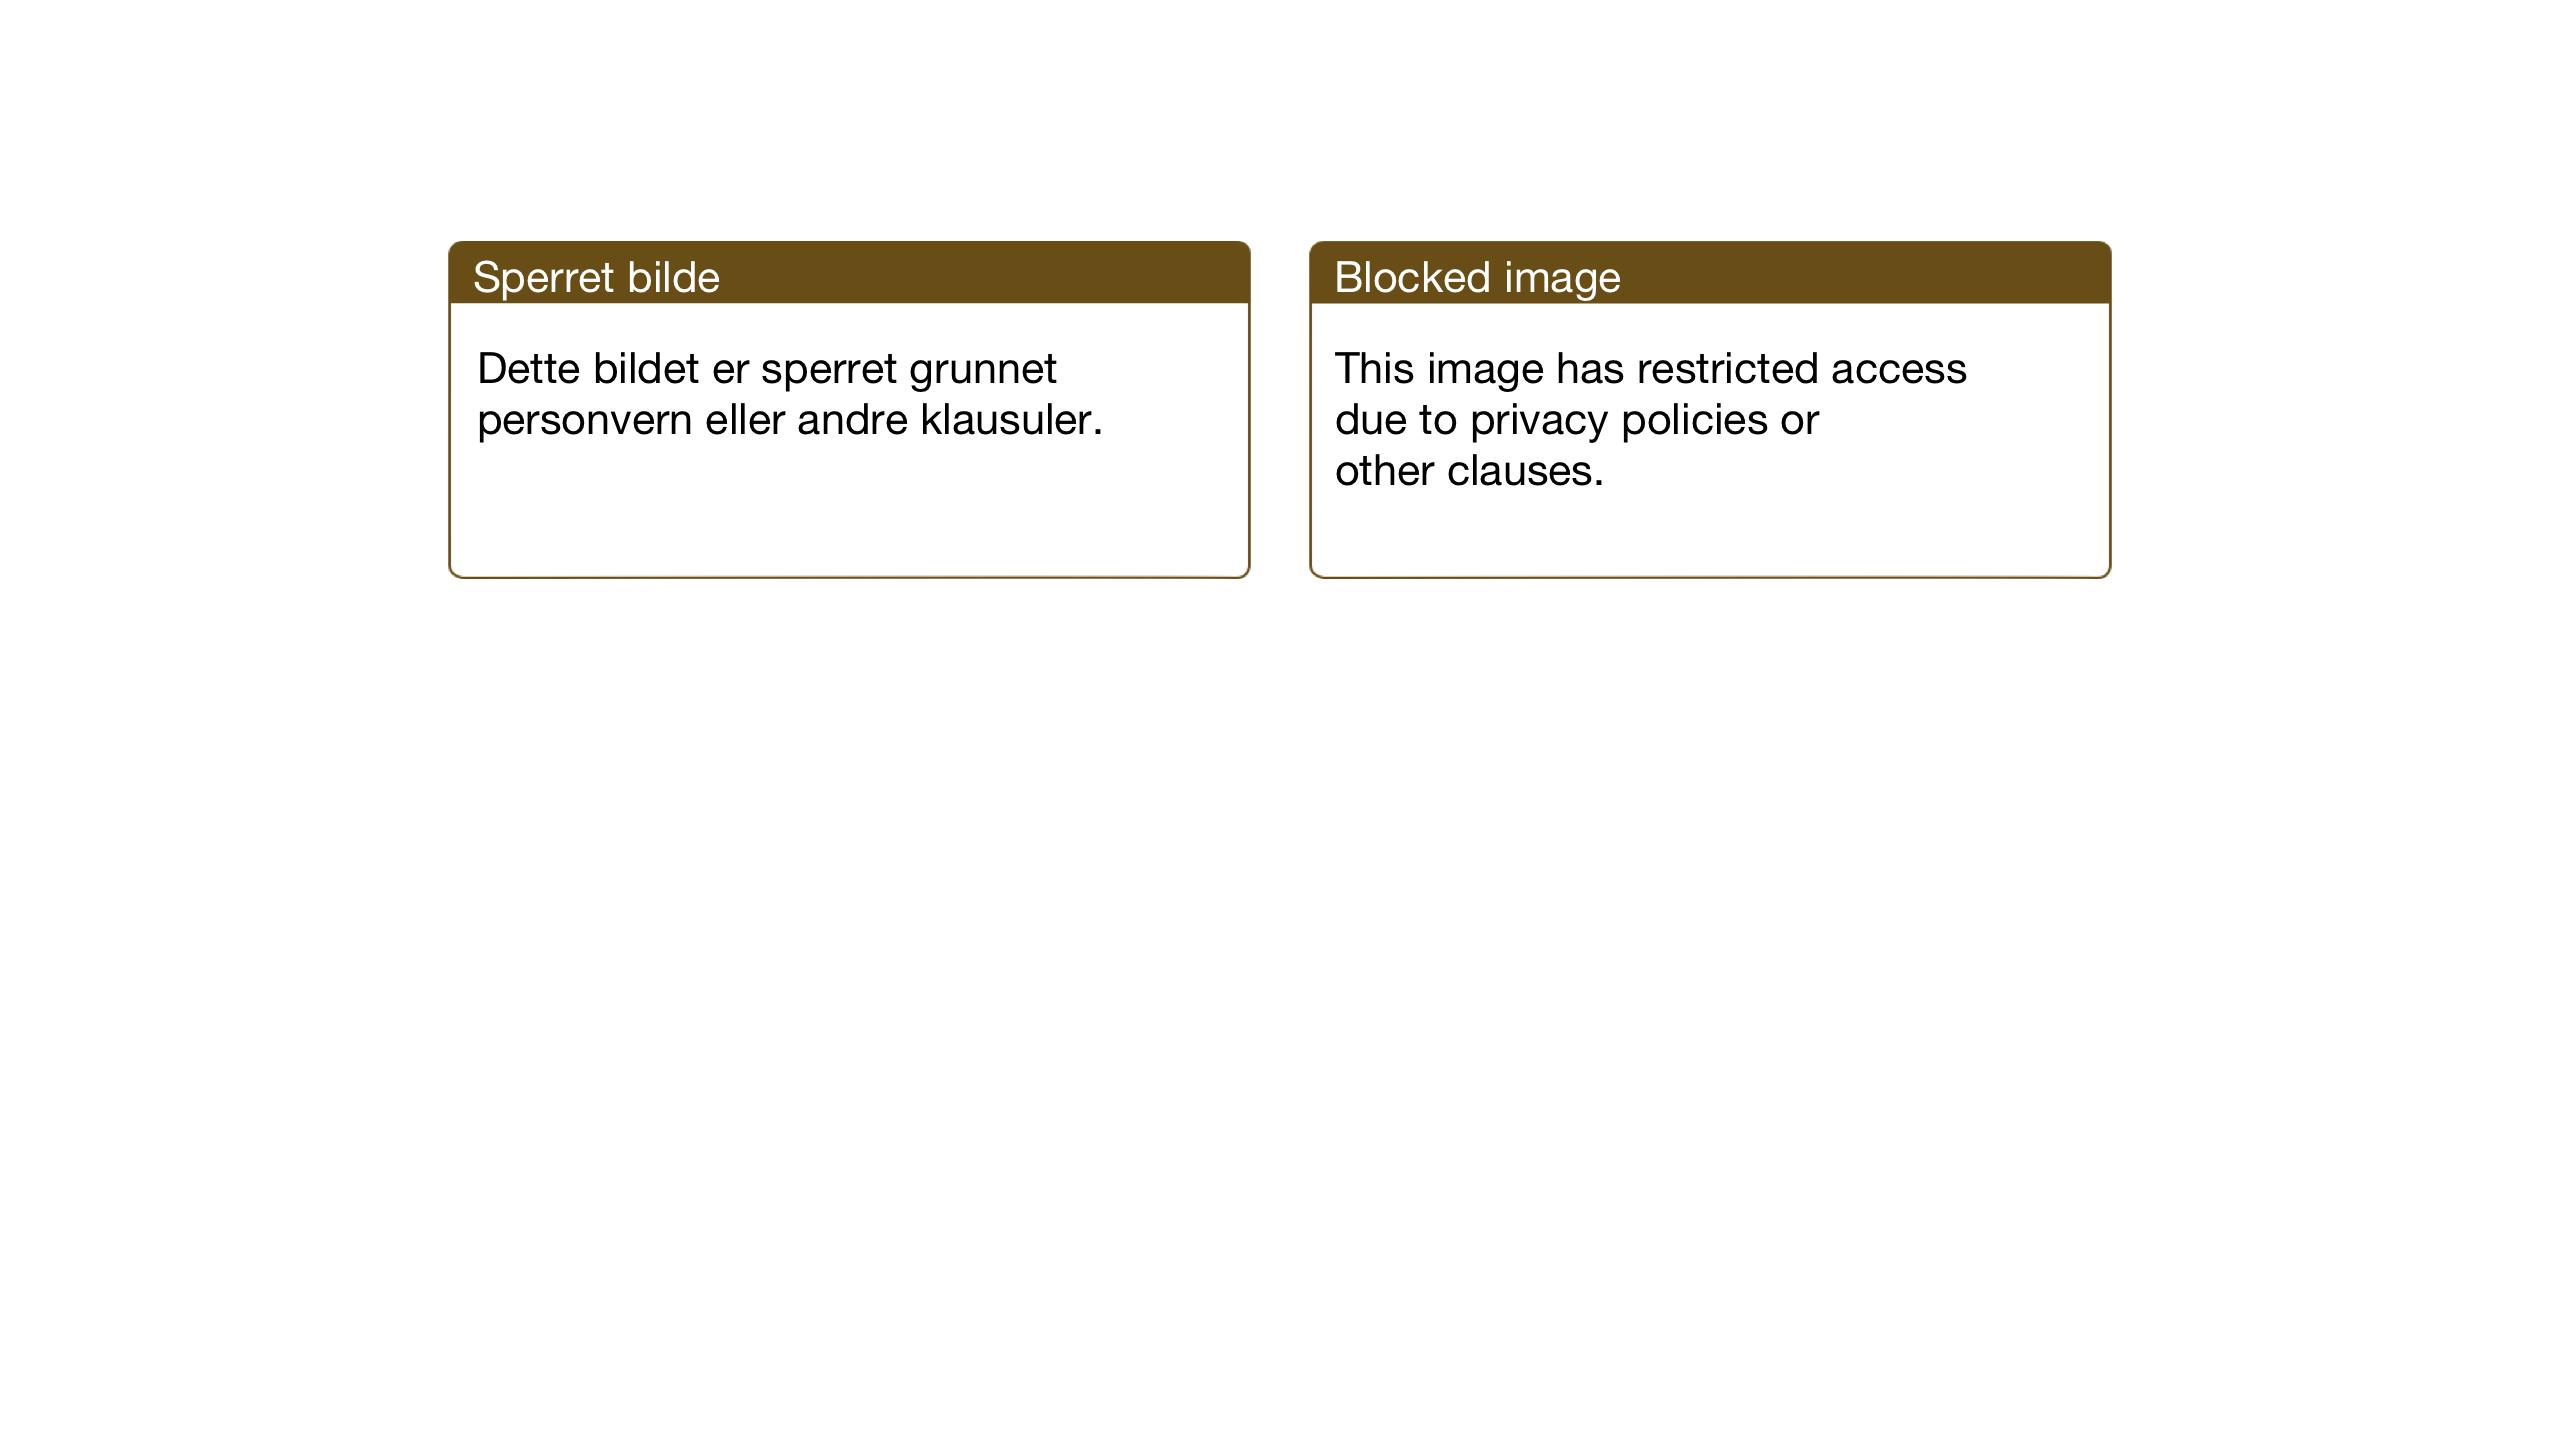 SAT, Ministerialprotokoller, klokkerbøker og fødselsregistre - Sør-Trøndelag, 637/L0563: Klokkerbok nr. 637C04, 1899-1940, s. 84